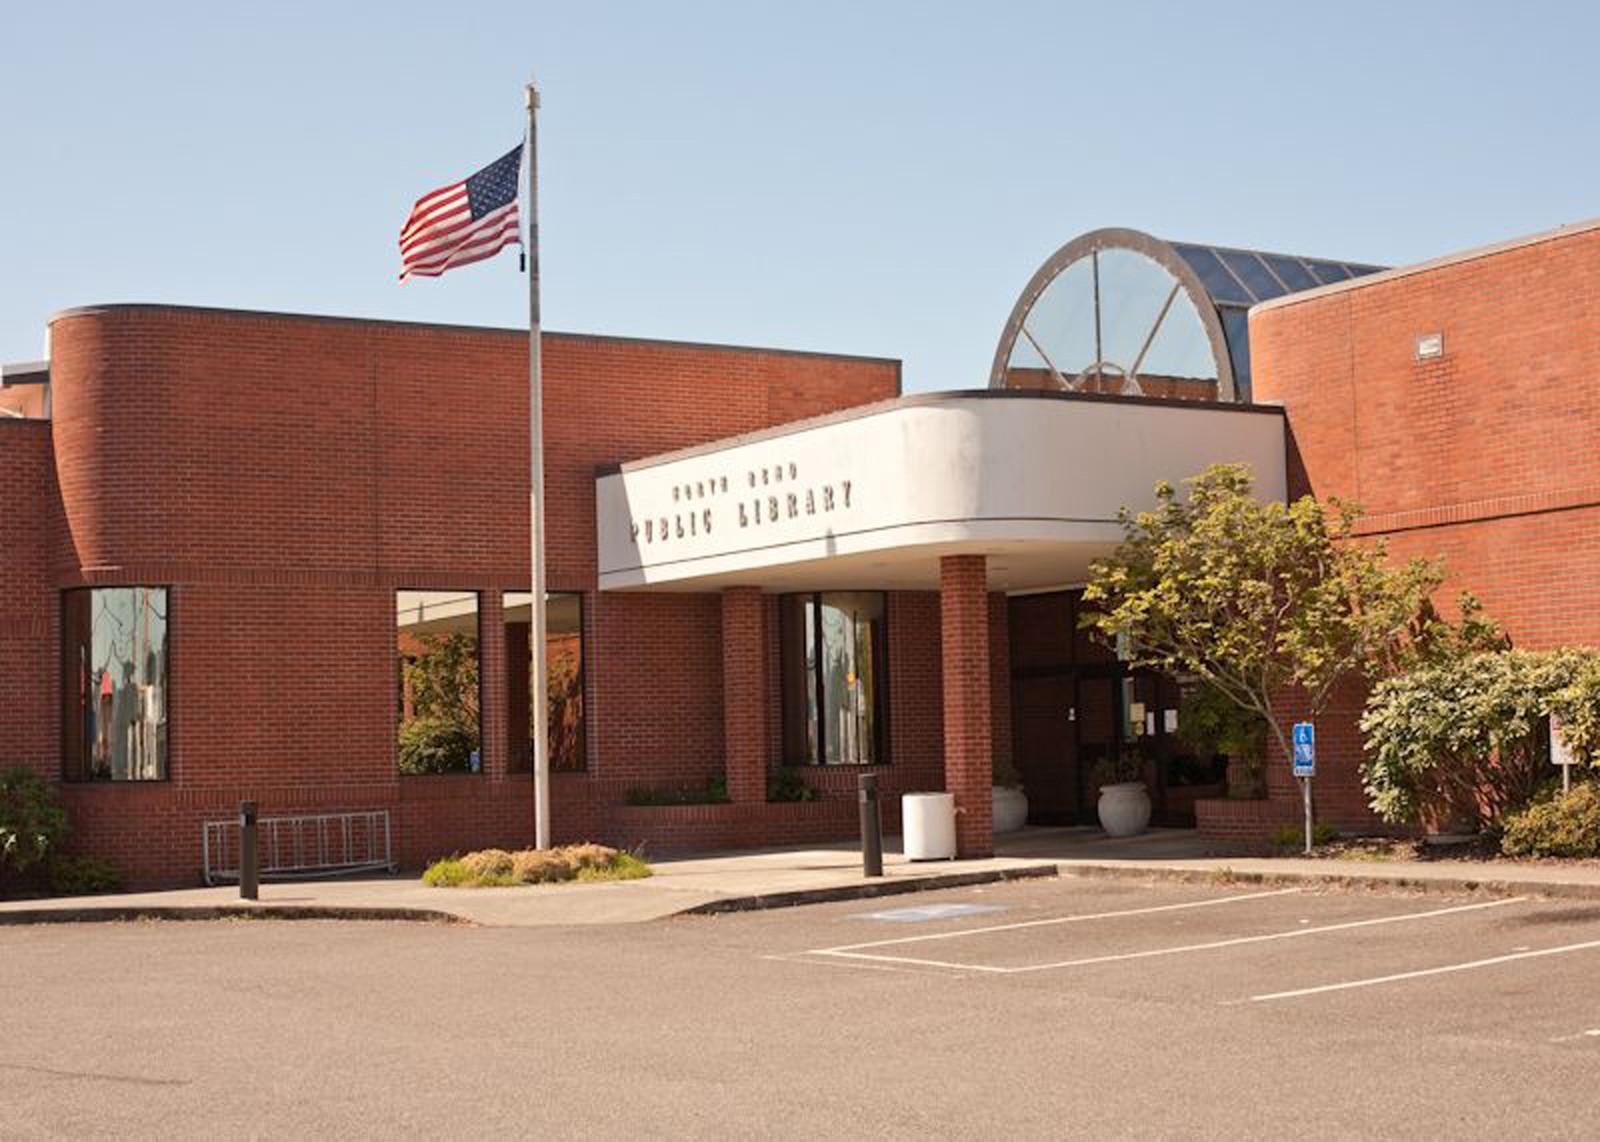 Fachada da biblioteca de North Bend, no Oregon (Foto: North Bend Public Library/Facebook)